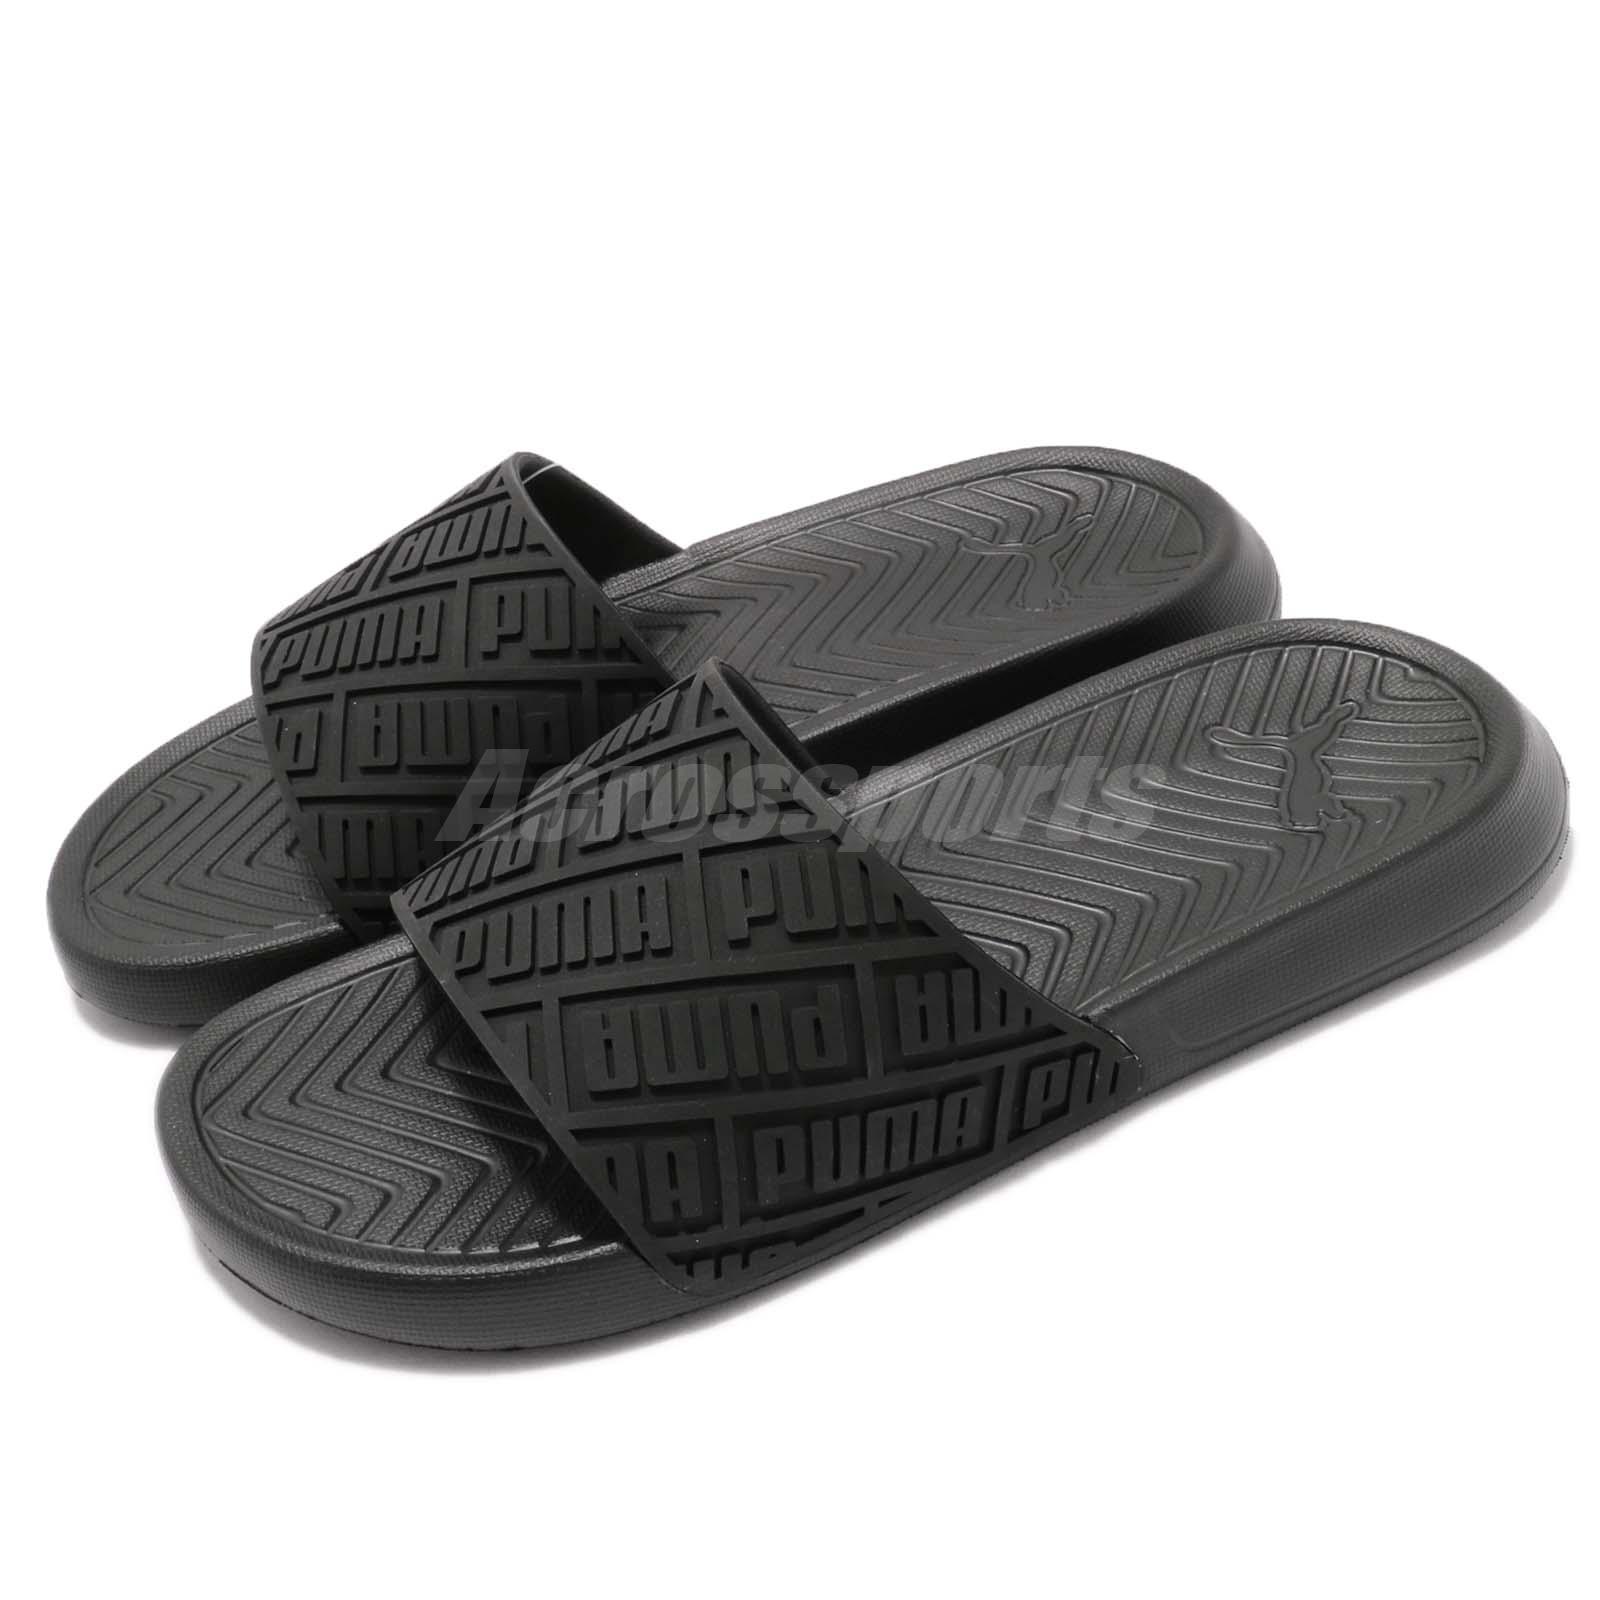 Details about Puma Popcat Rubber Triple Black Men Sports Sandals Slides  Slippers 367284-01 829663f4e